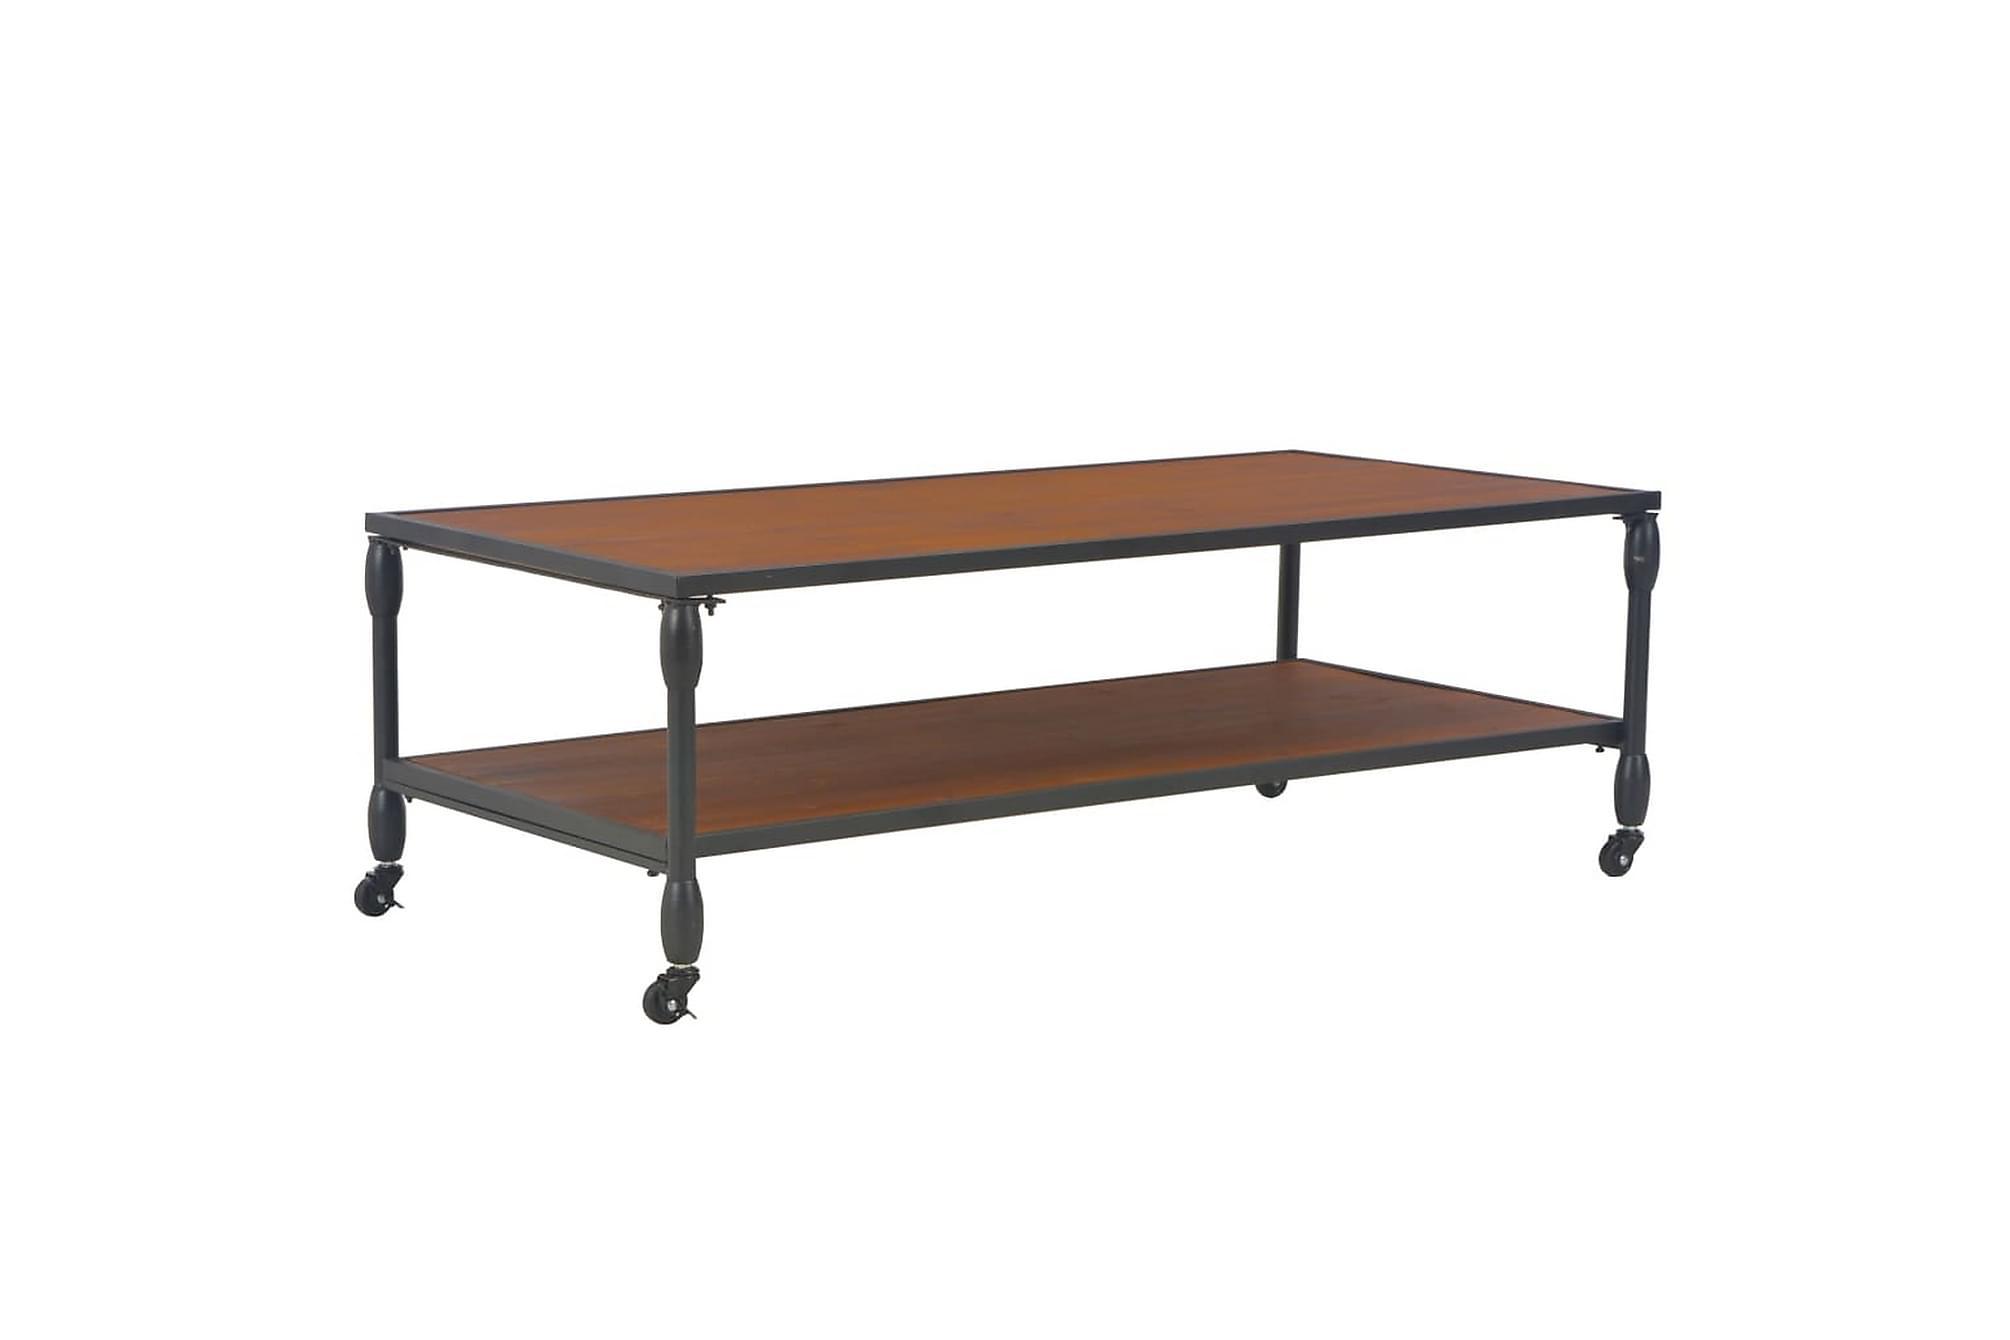 Soffbord med hylla 120x60x40 cm massivt granträ